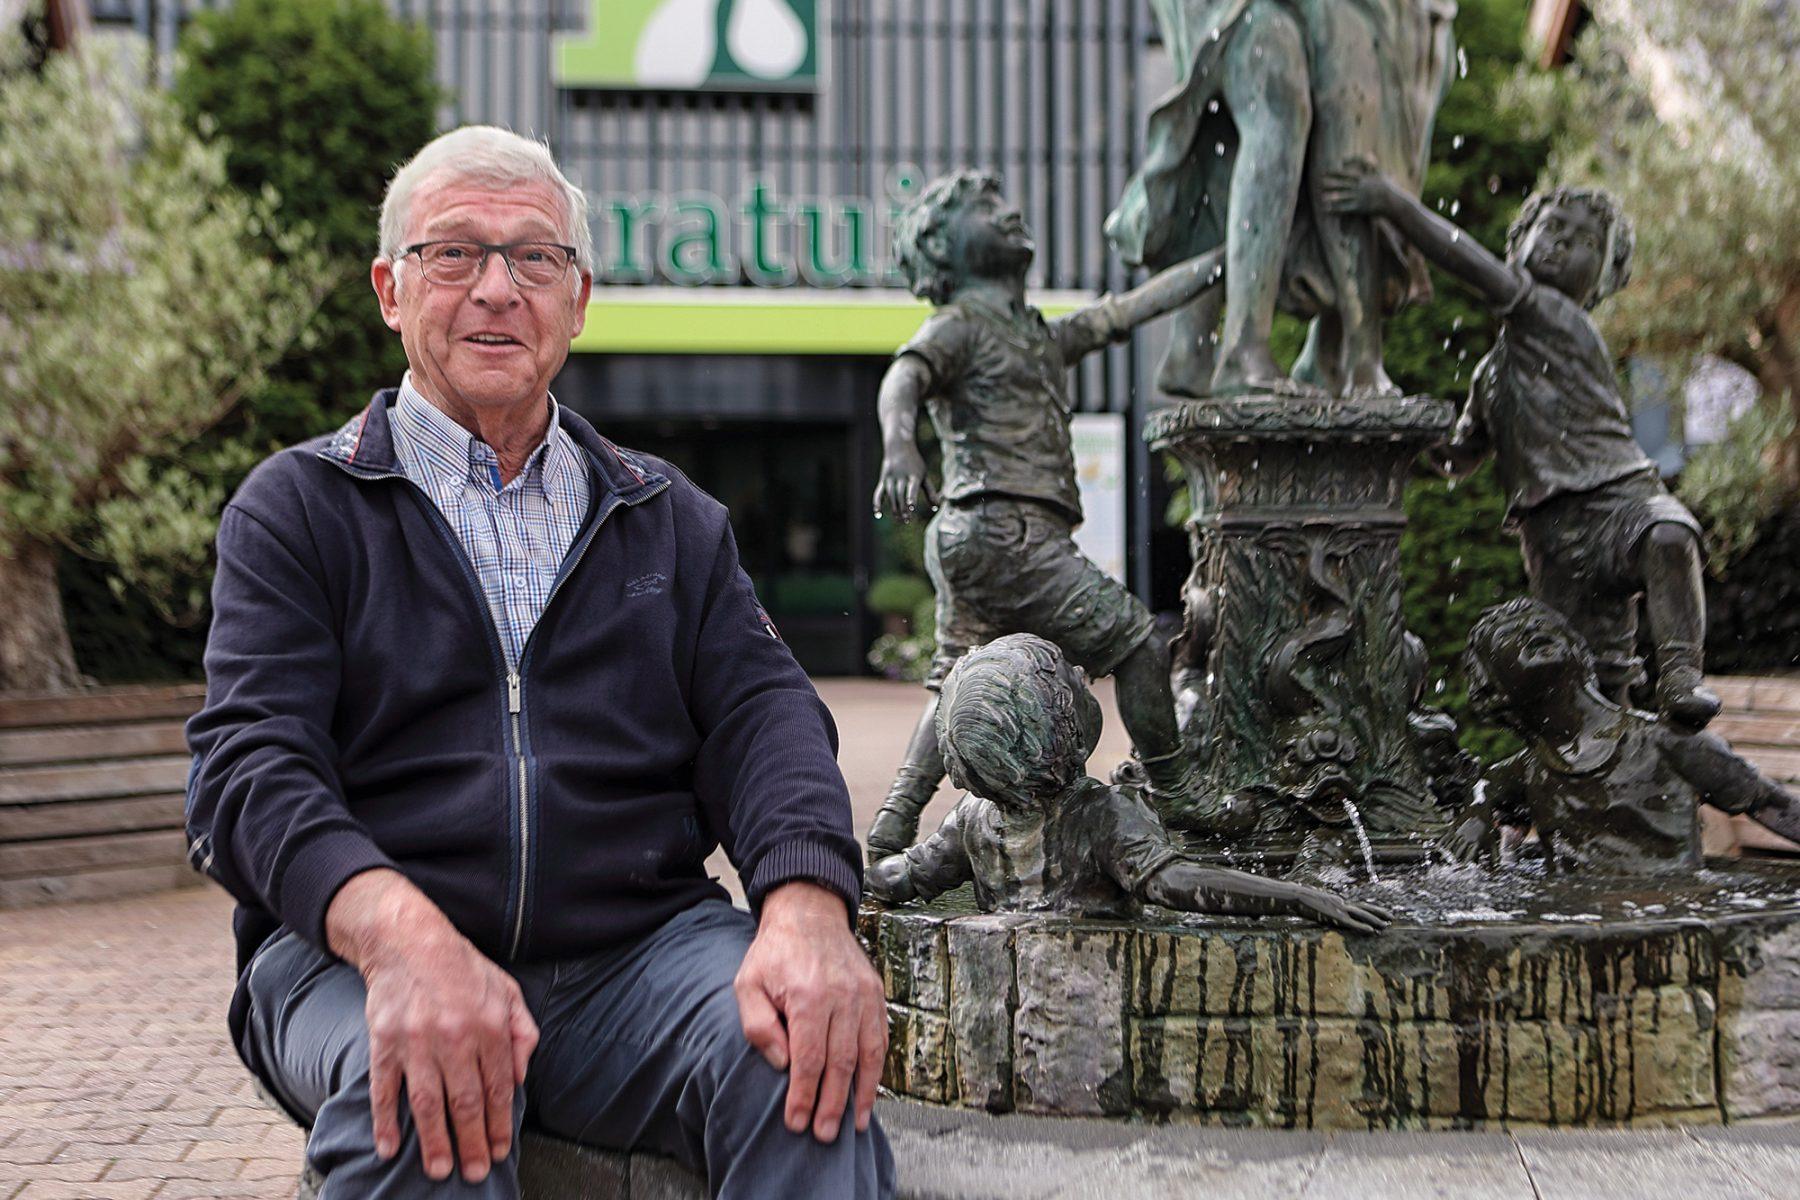 Marktlink begeleidt Robert Kalter bij overname Intratuin Halsteren